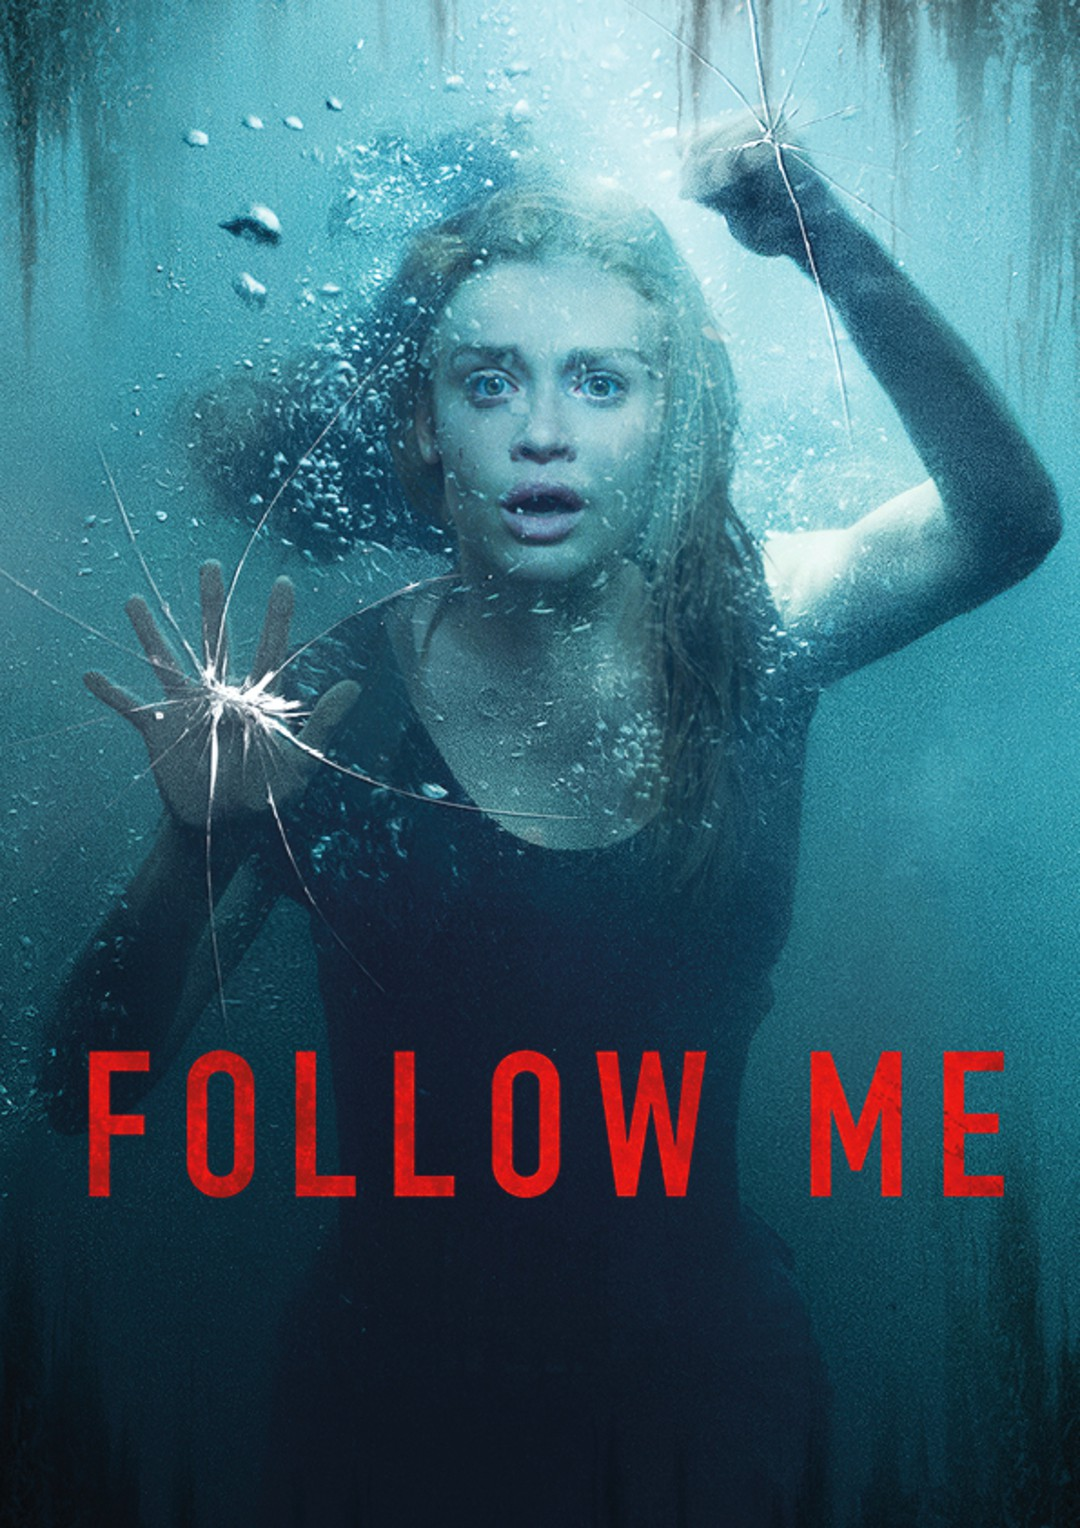 Follow Me - Bild 7 von 7